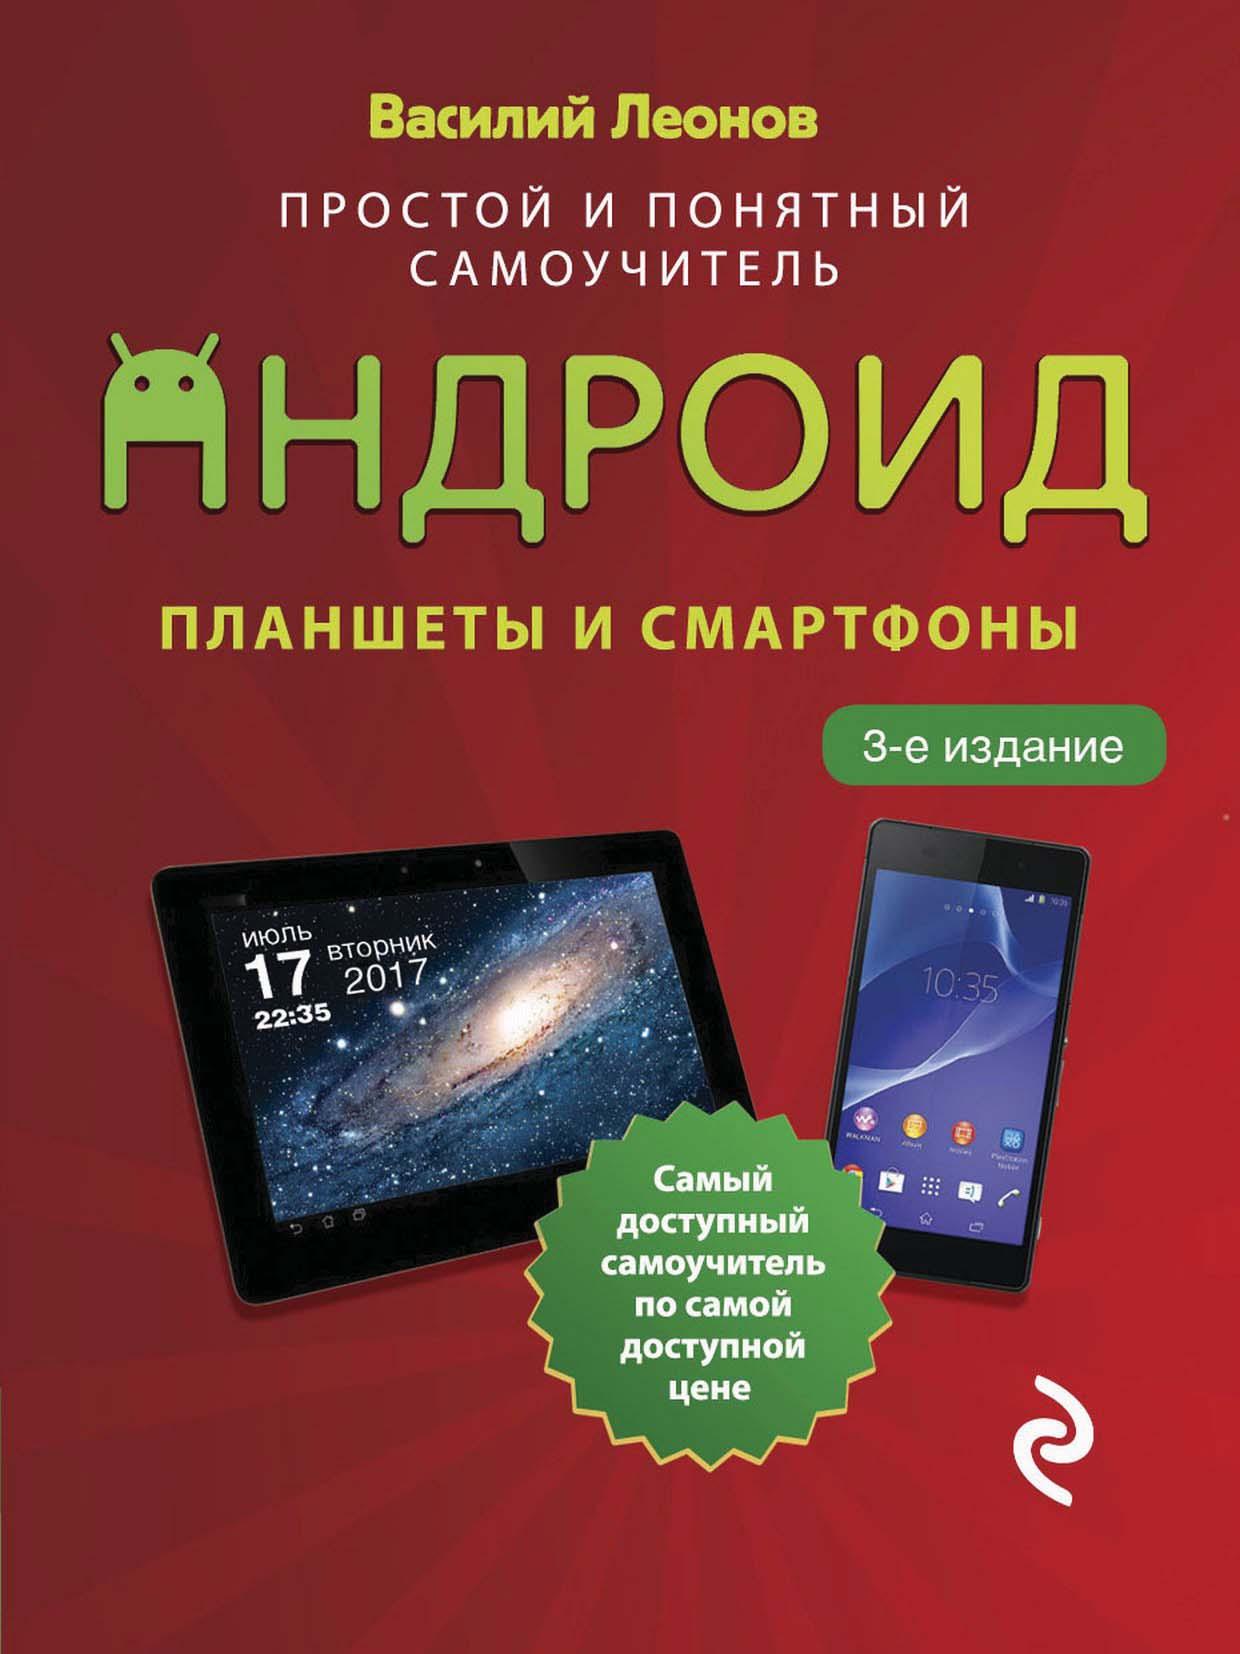 Василий Леонов Планшеты и смартфоны на Android. Простой и понятный самоучитель android планшет понятный самоучитель